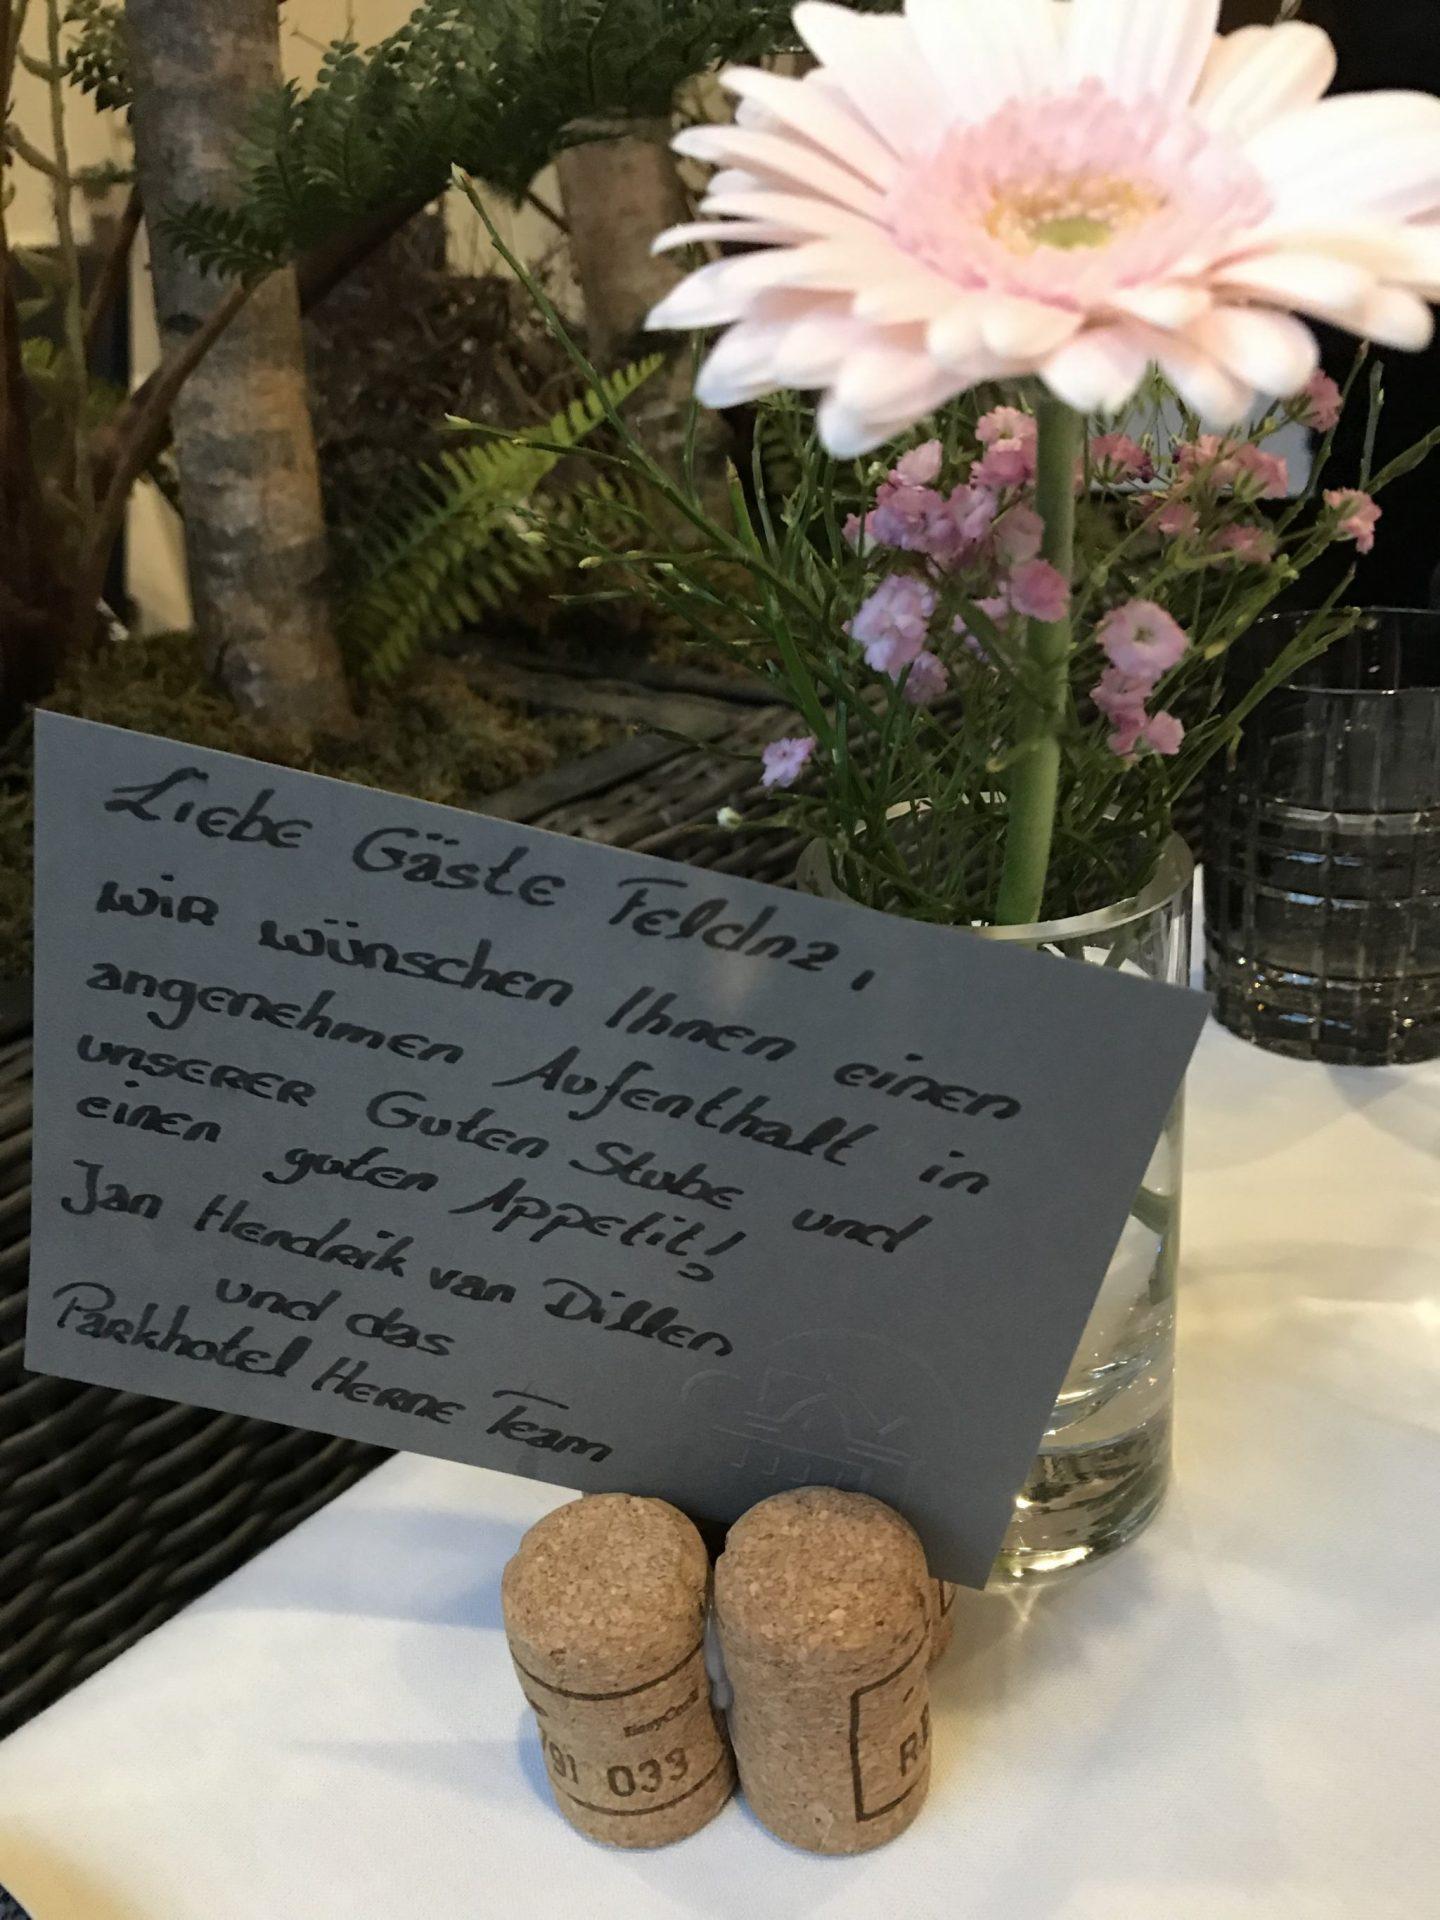 Erfahrung Menükarussell Gute Stube Herne Foodblog Sternestulle